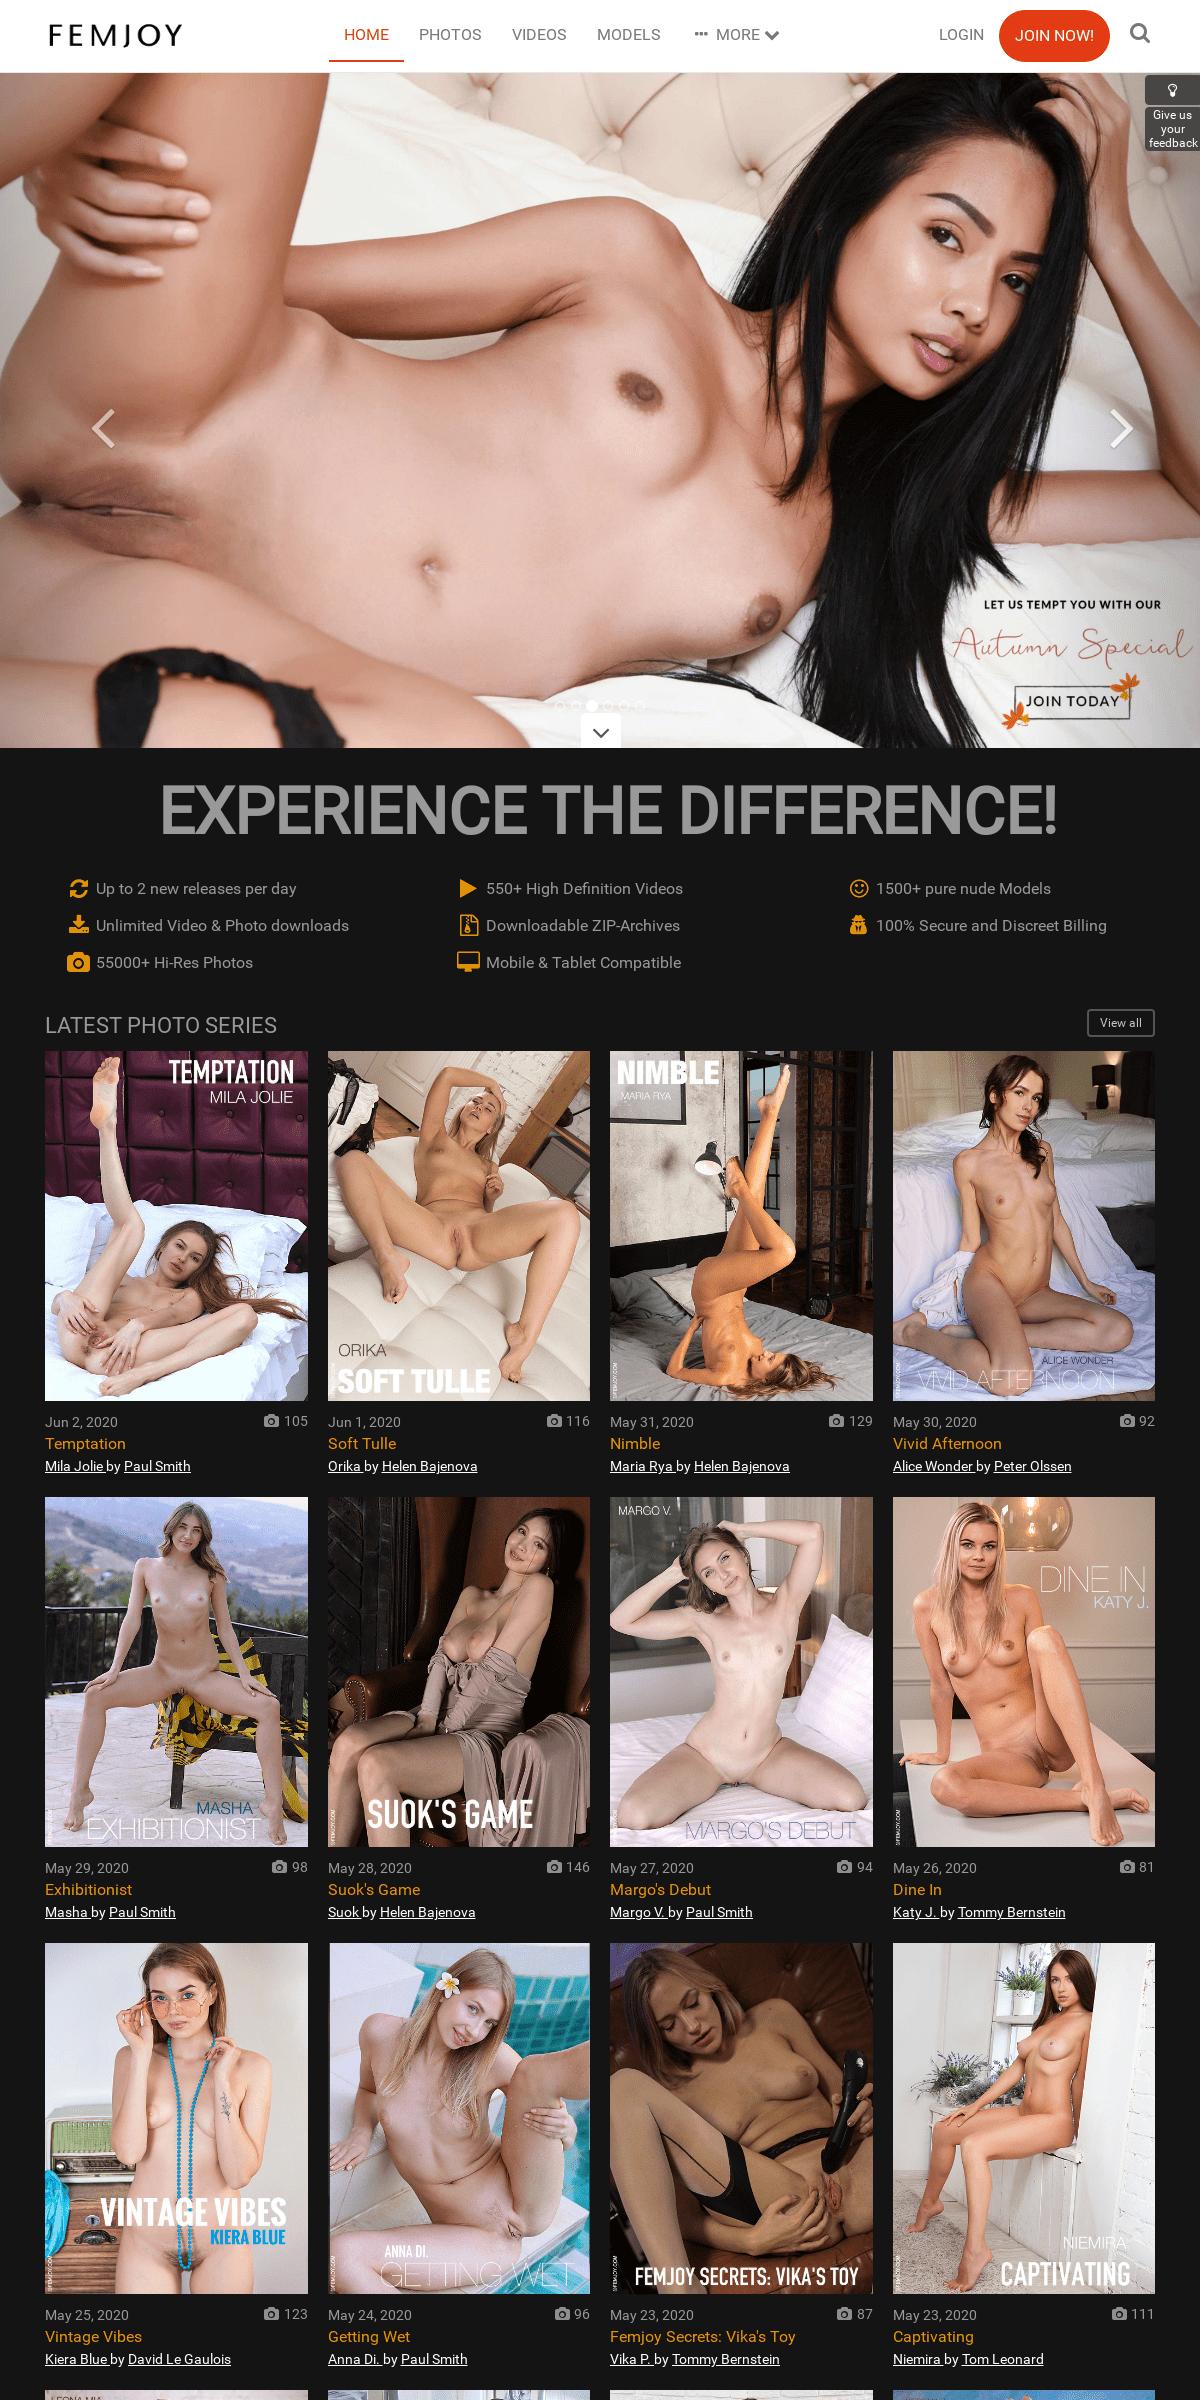 ArchiveBay.com - femjoy.com - FEMJOY - Pure Nude Art Female Photography And Videos - FEMJOY